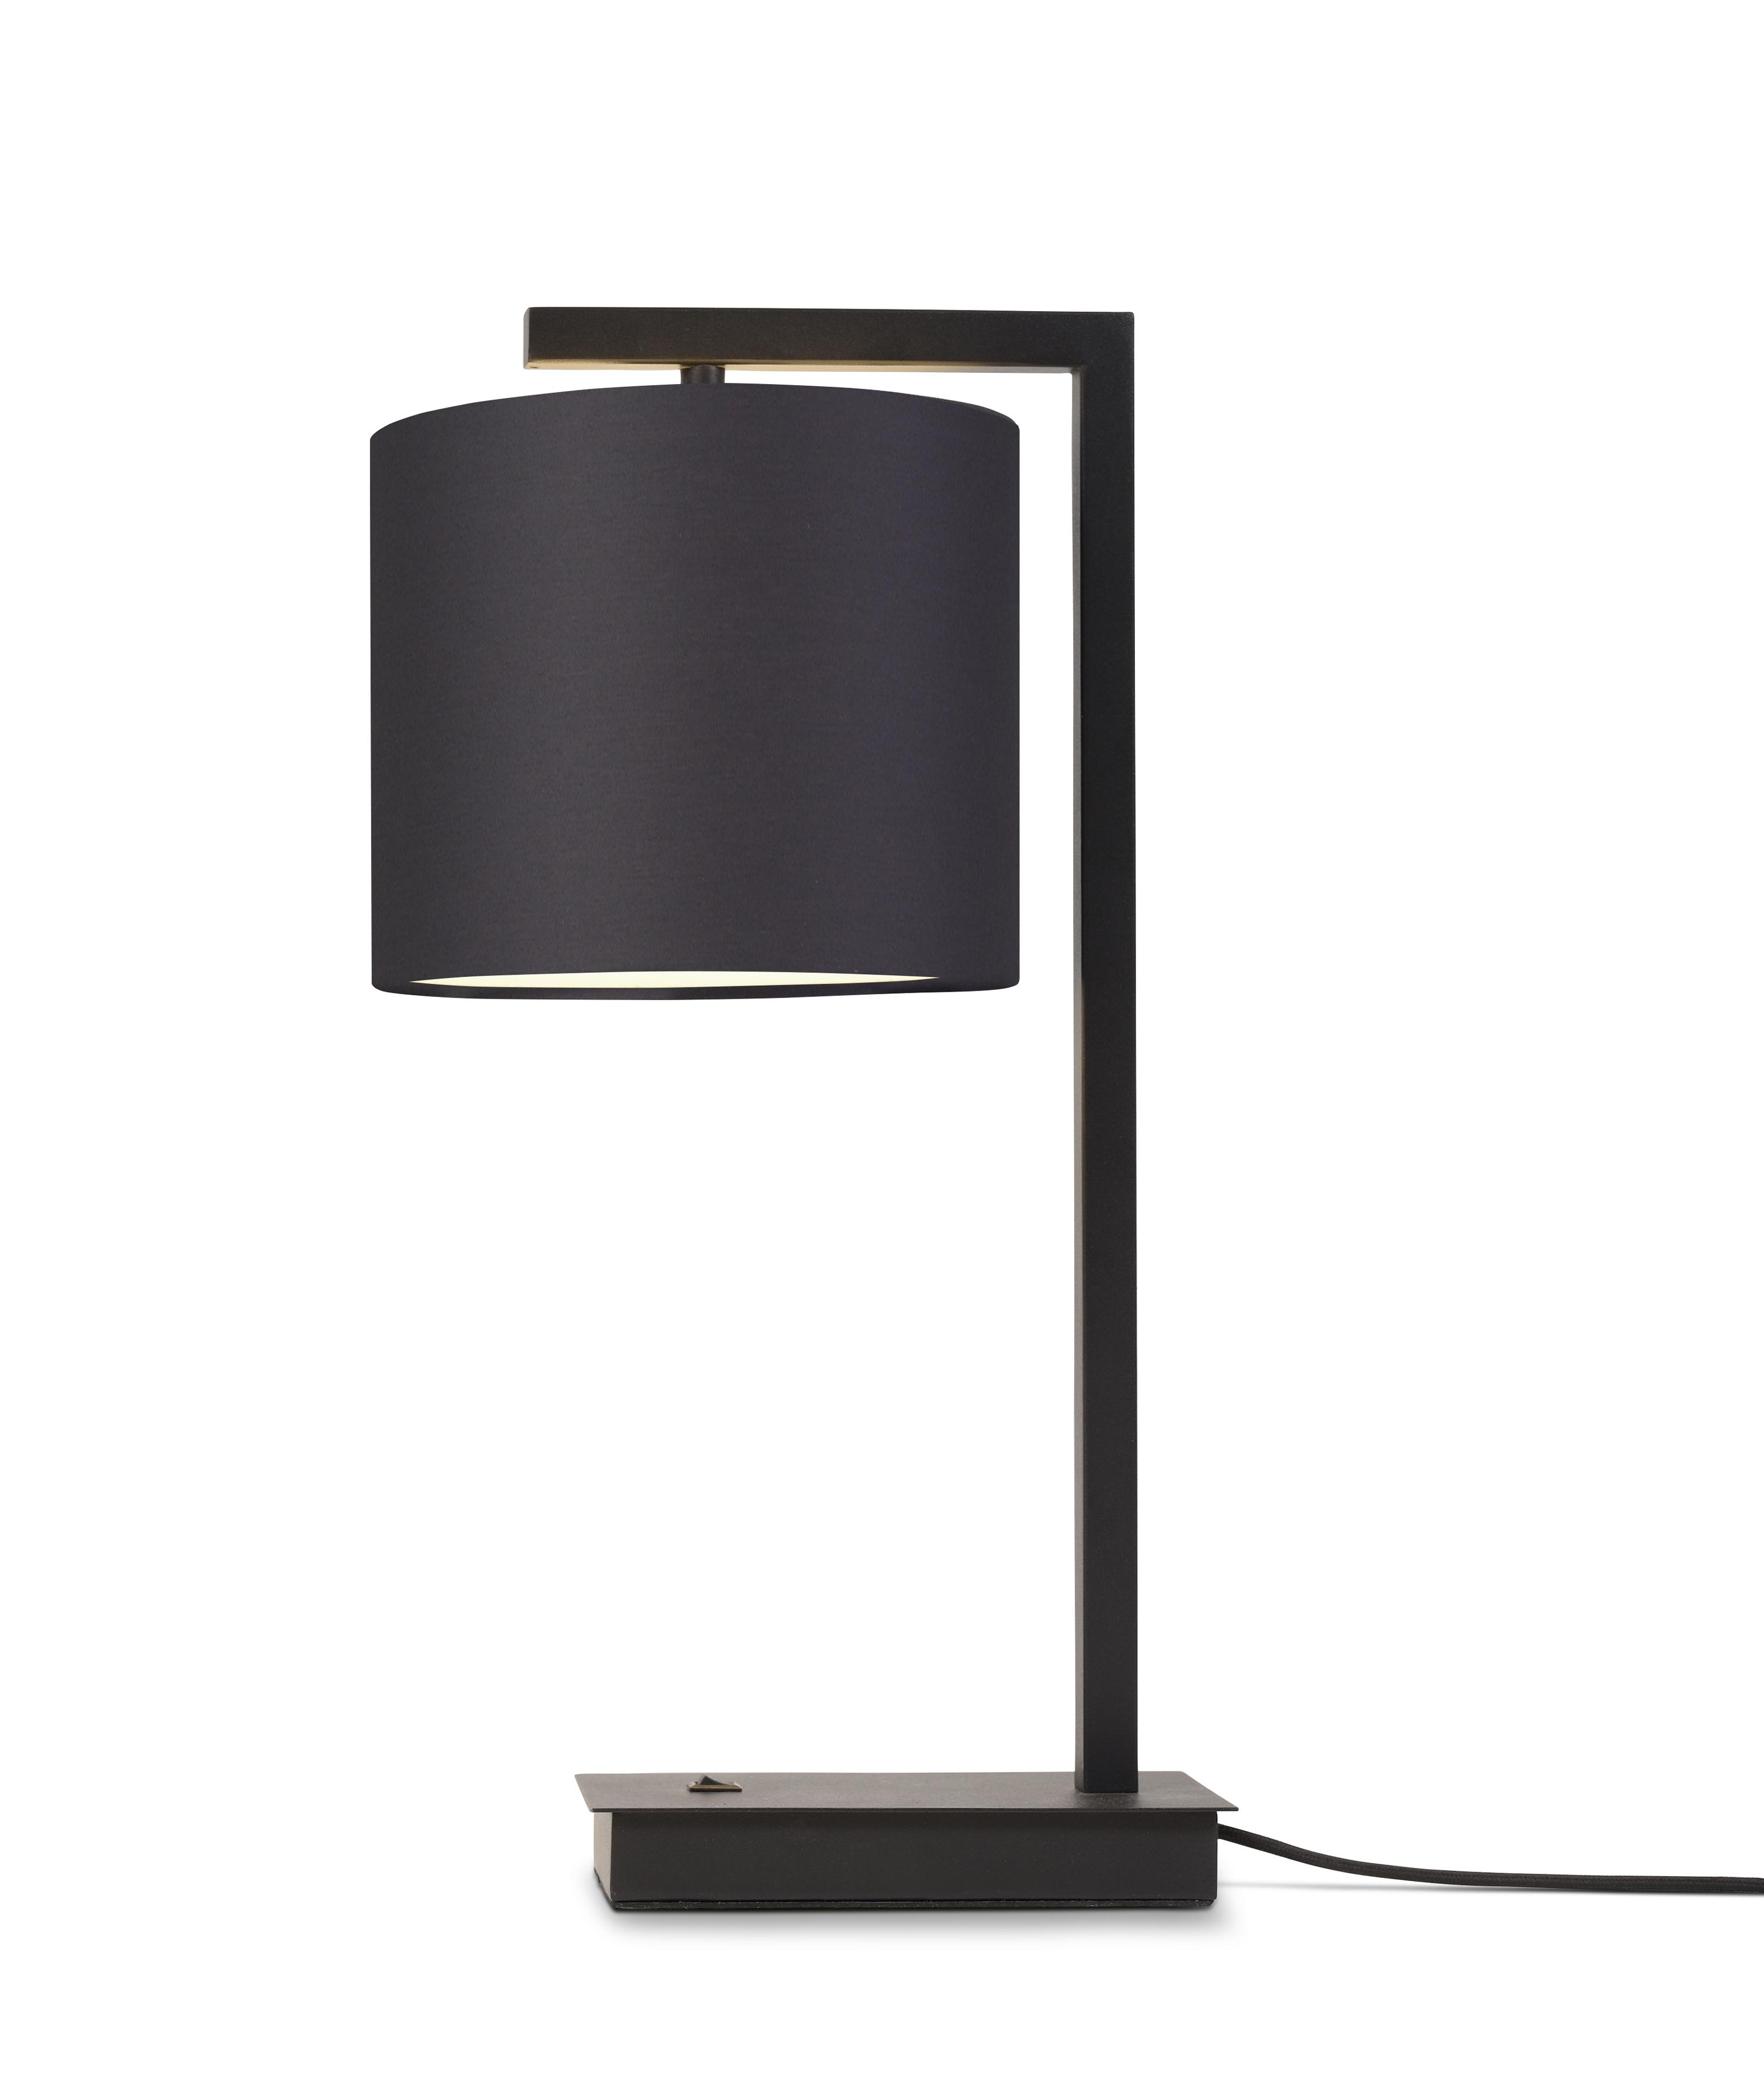 Lampe de table noire et abat-jour H44cm